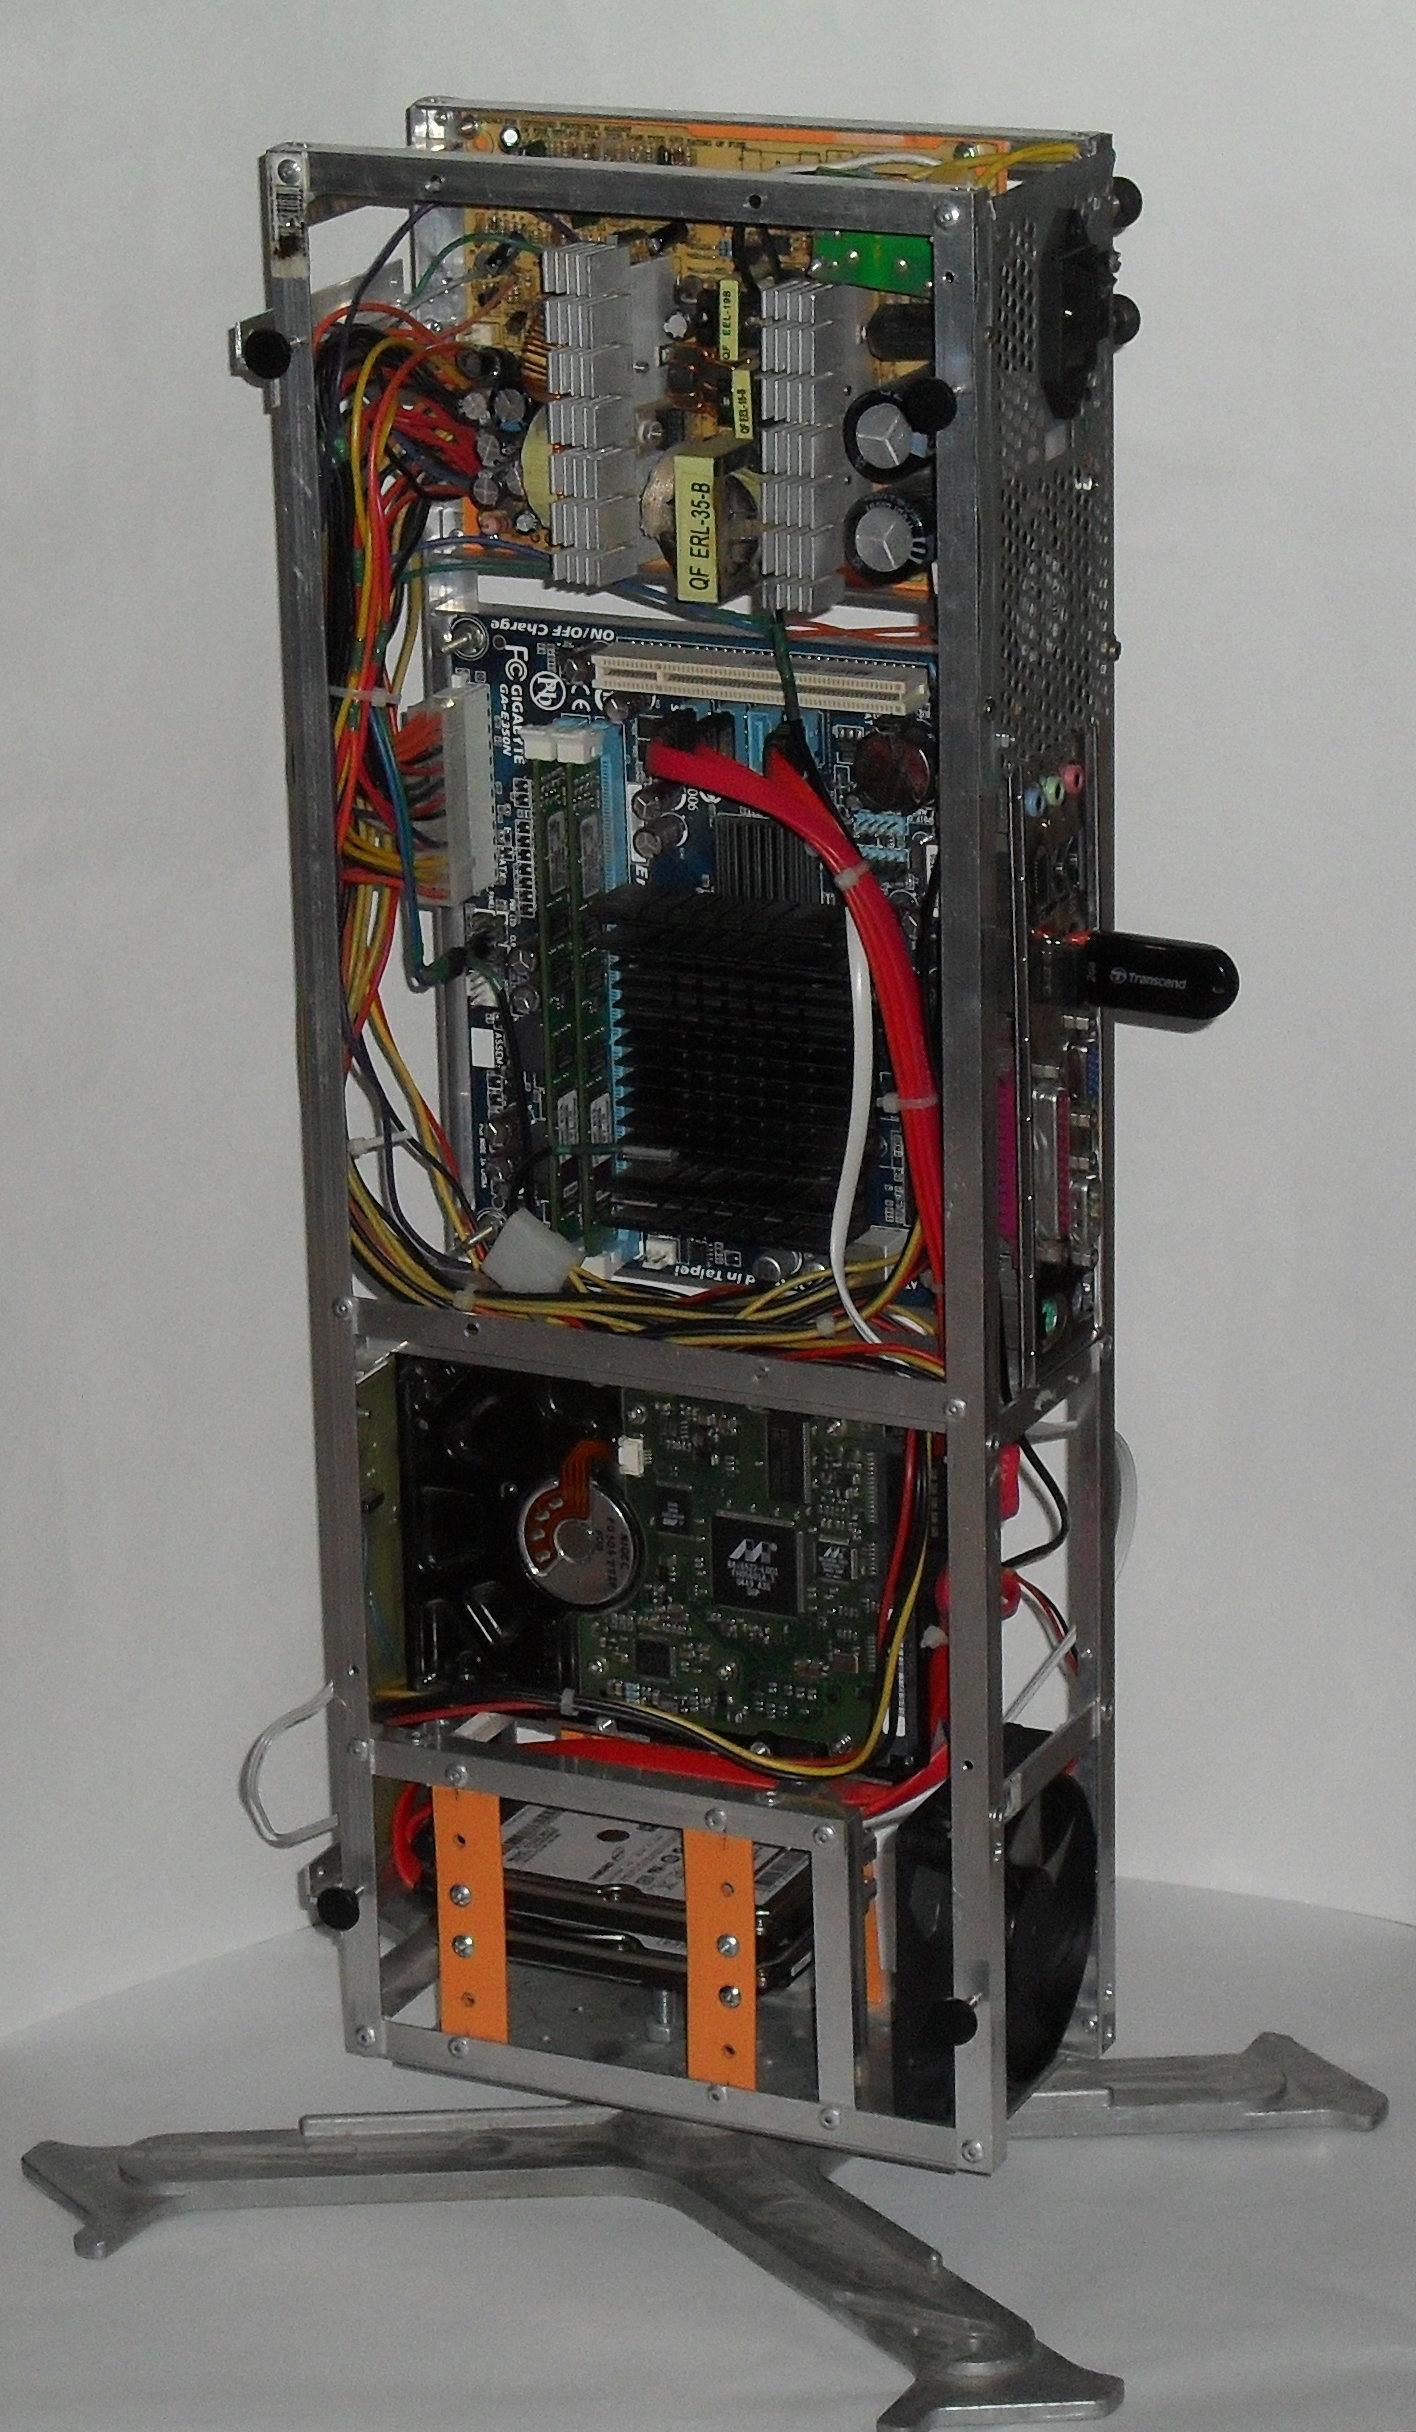 Еще один сервер из подручных средств с претензией на красоту - 31